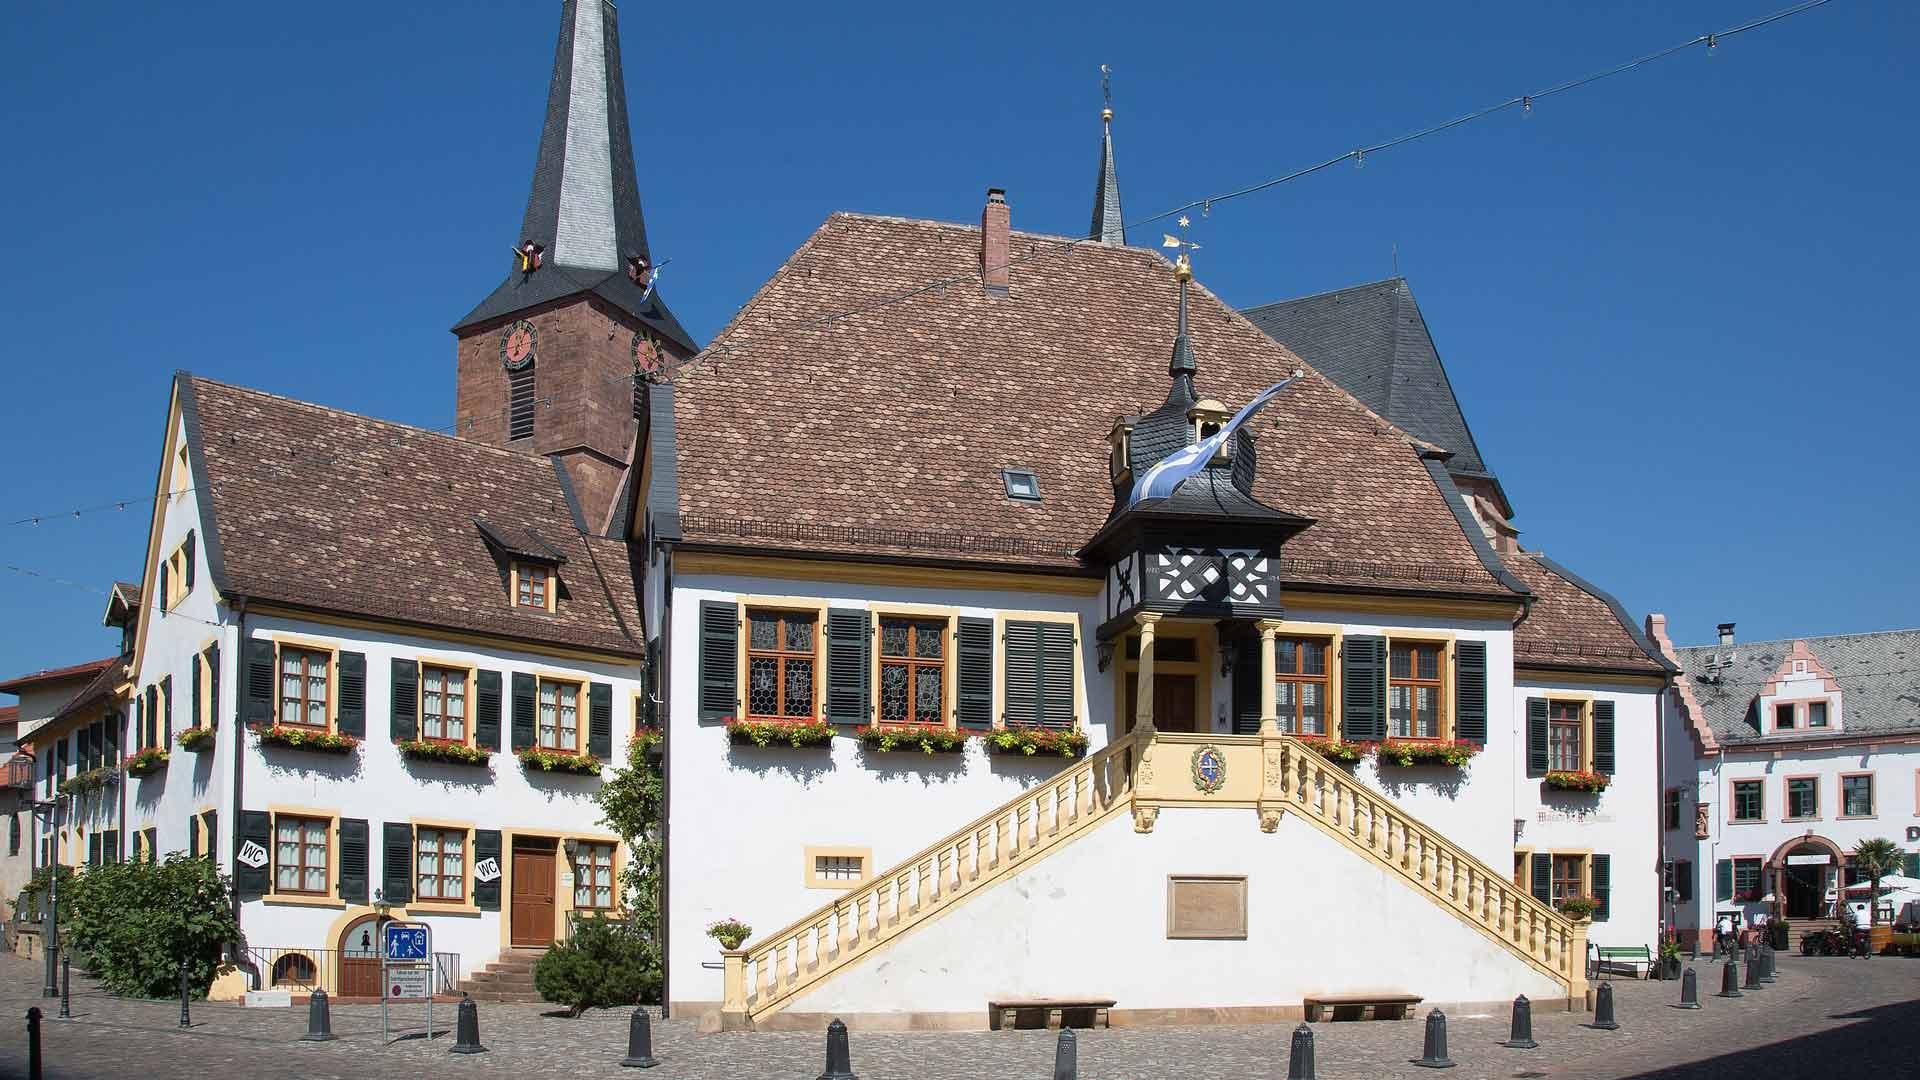 Het historische stadhuis in Deidesheim in de Pfalz.